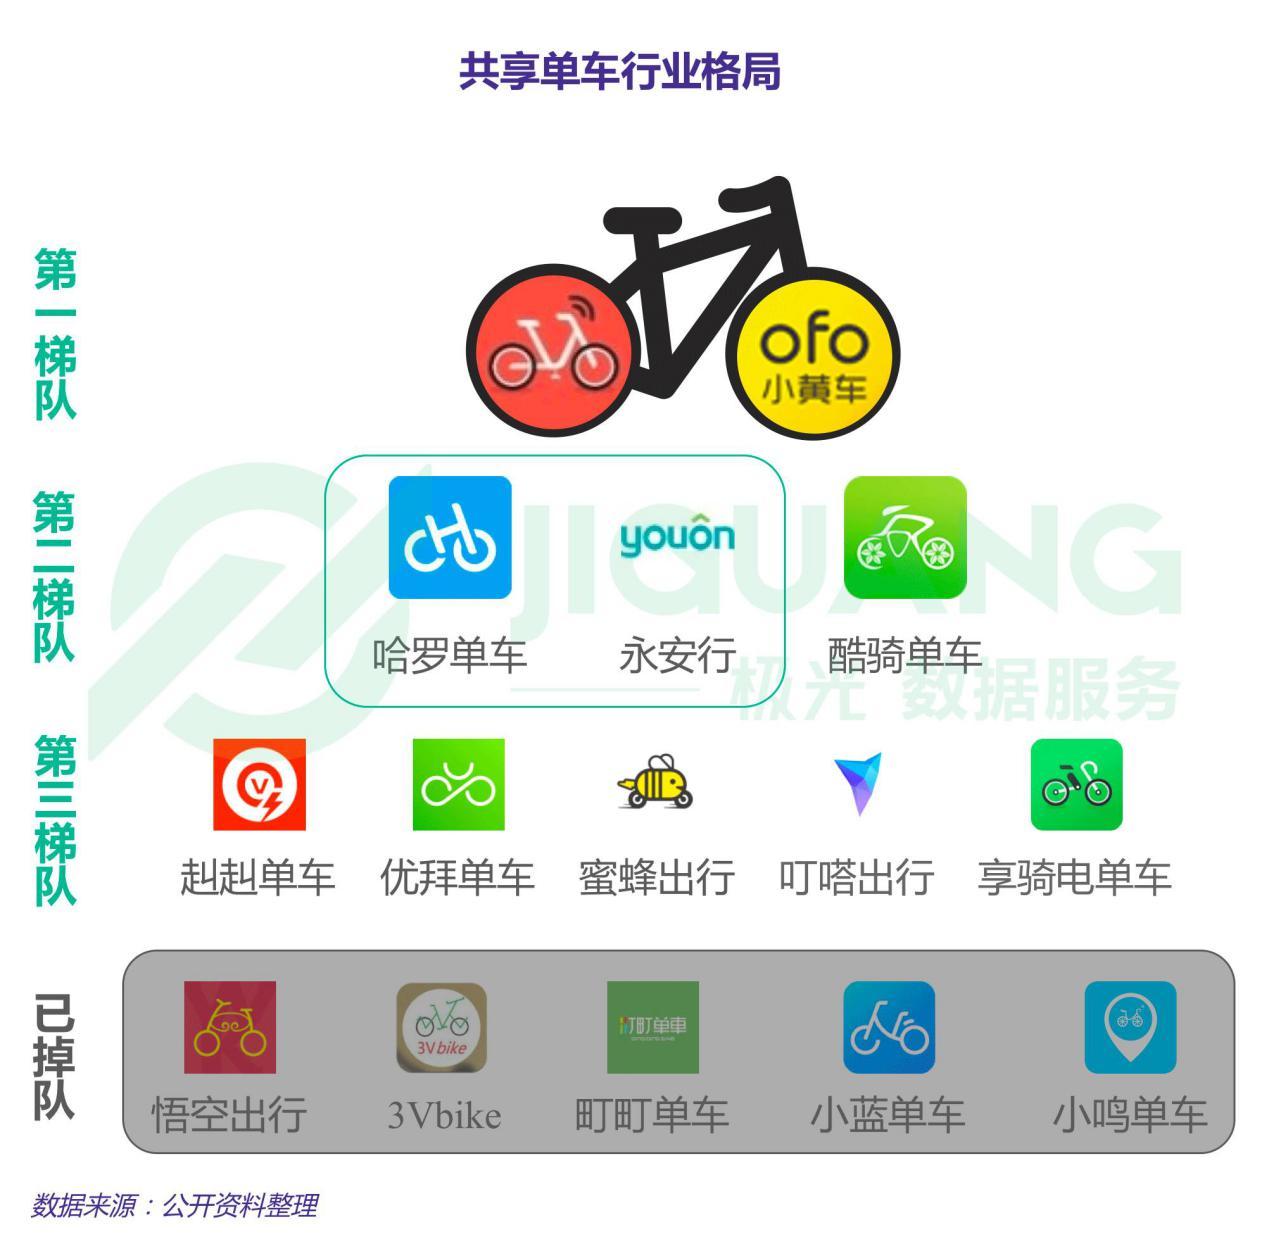 C:\Users\ADMINI~1\AppData\Local\Temp\WeChat Files\735280e291d2590670f30c8677e70c42.jpg